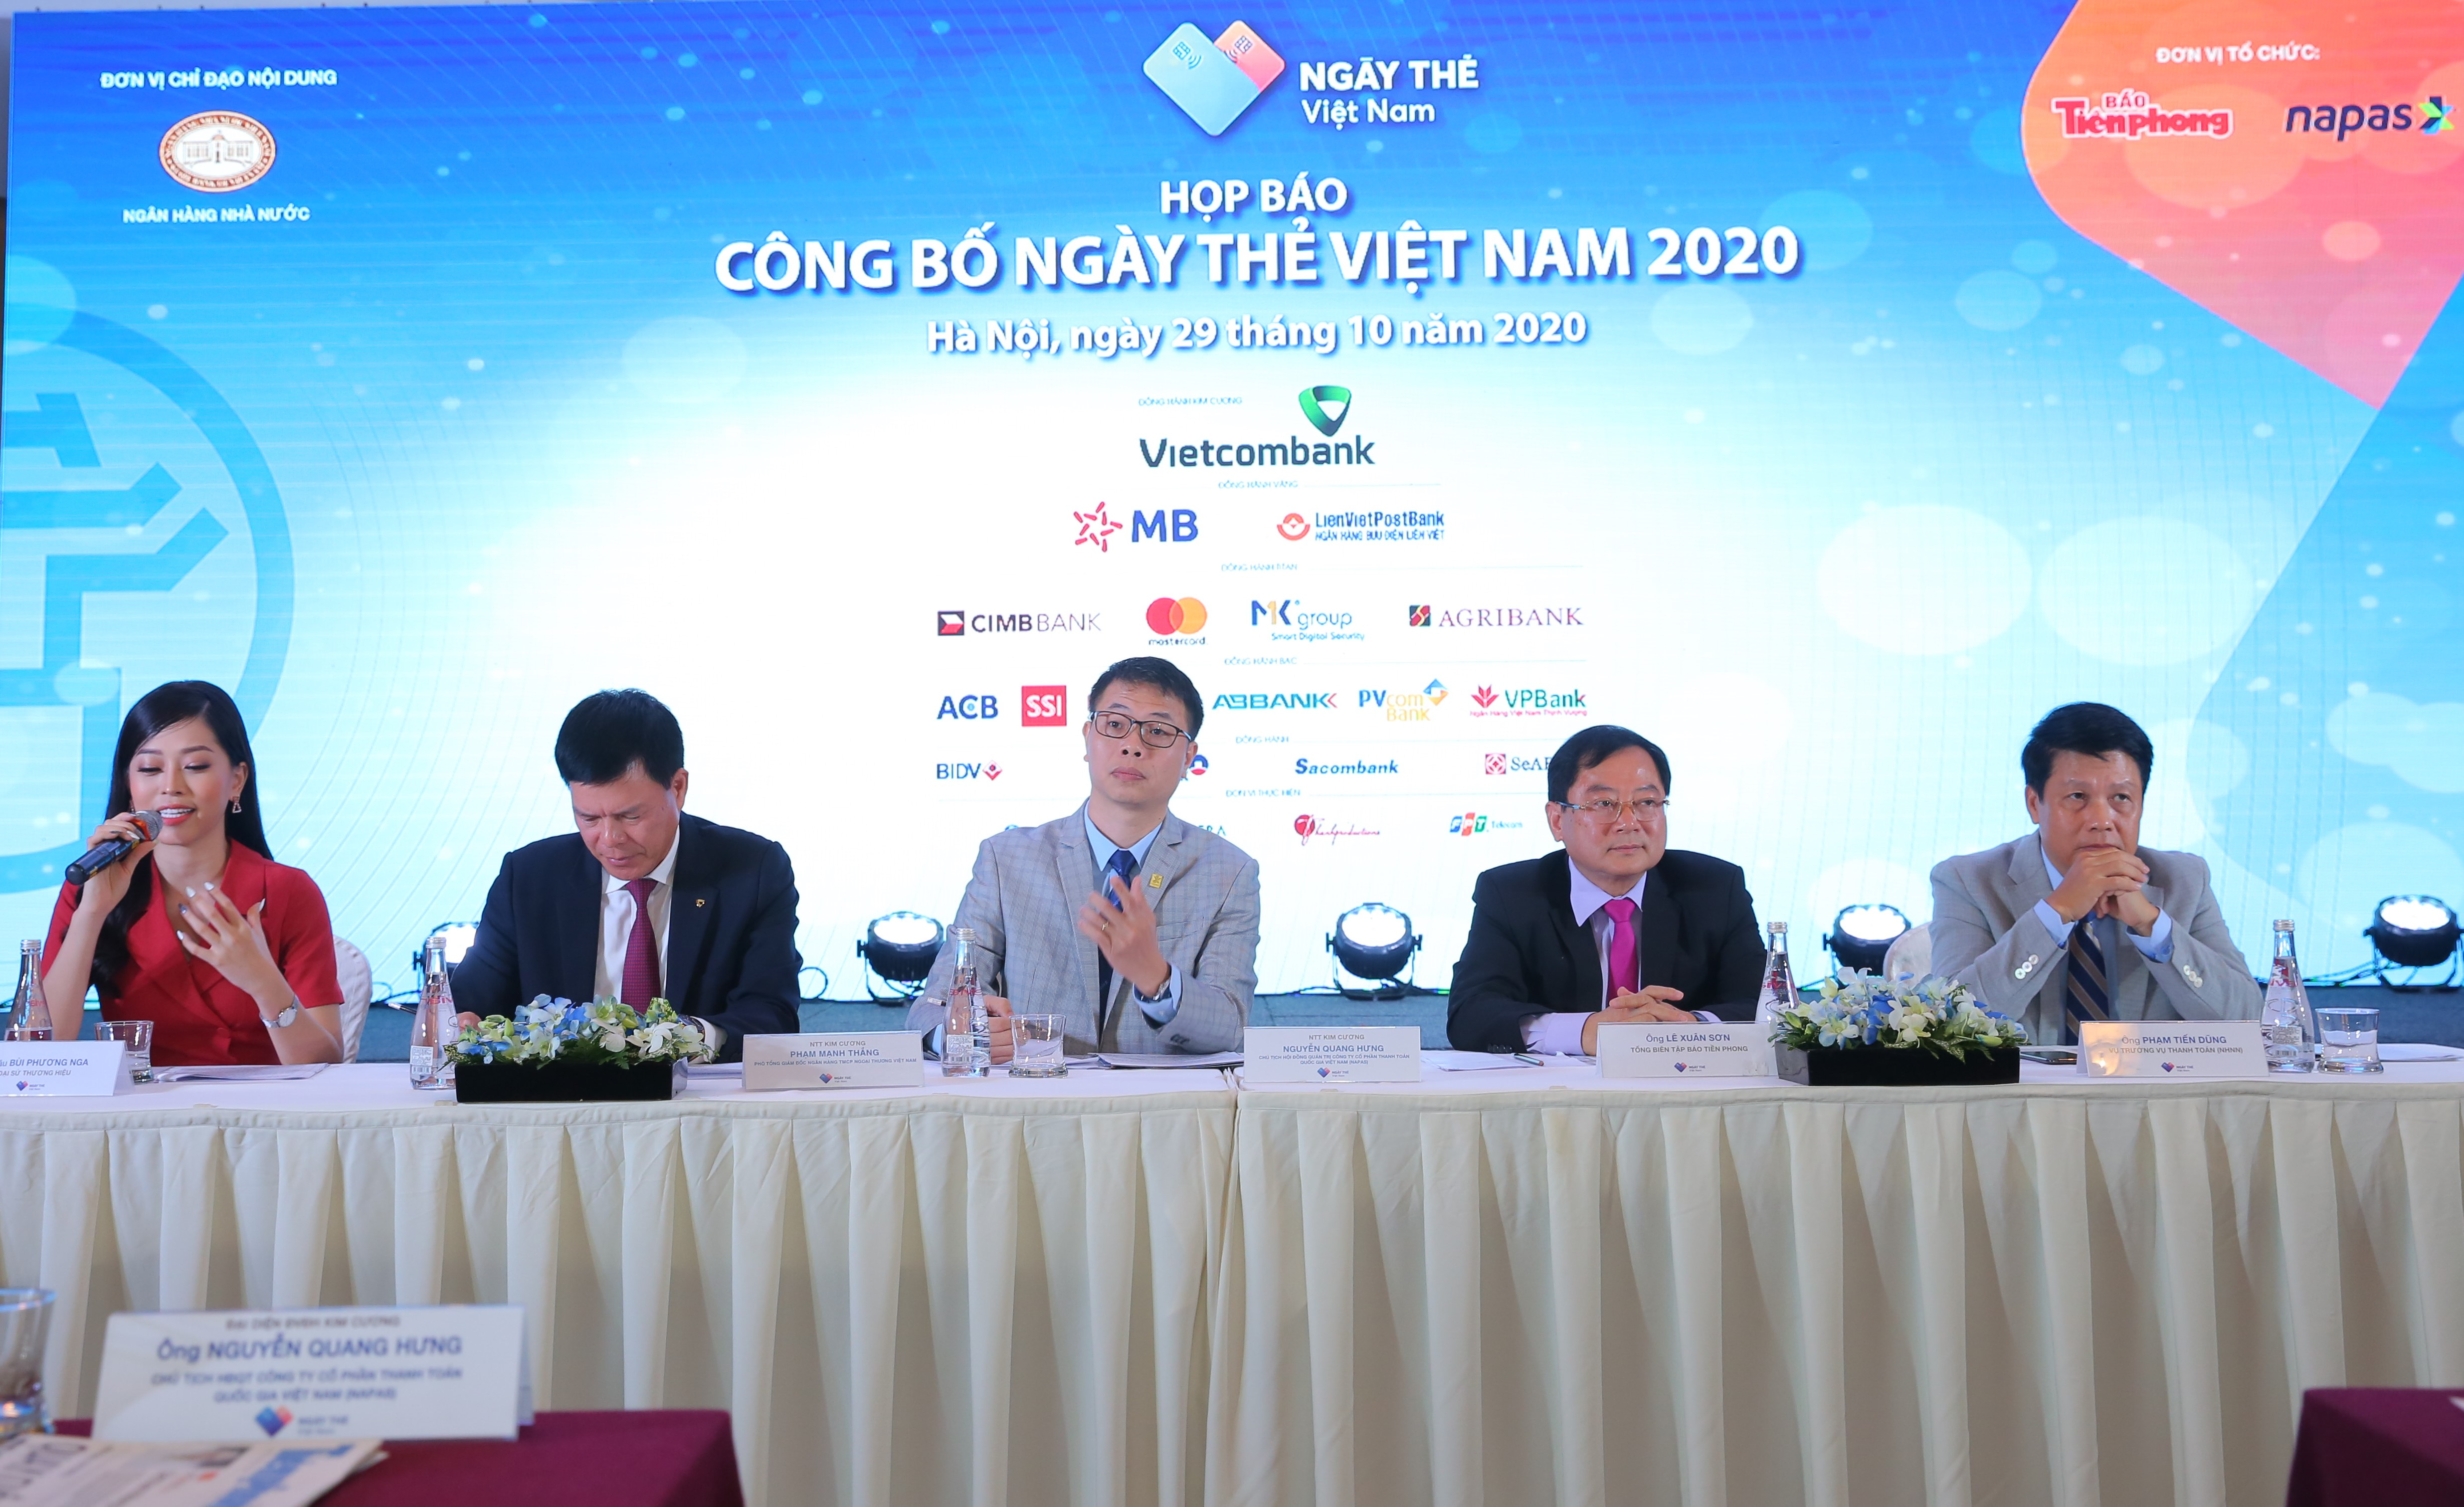 Công bố 'Ngày thẻ Việt Nam 2020': 10.000 thẻ không tiếp xúc sẽ được phát hành với nhiều ưu đãi - Ảnh 3.